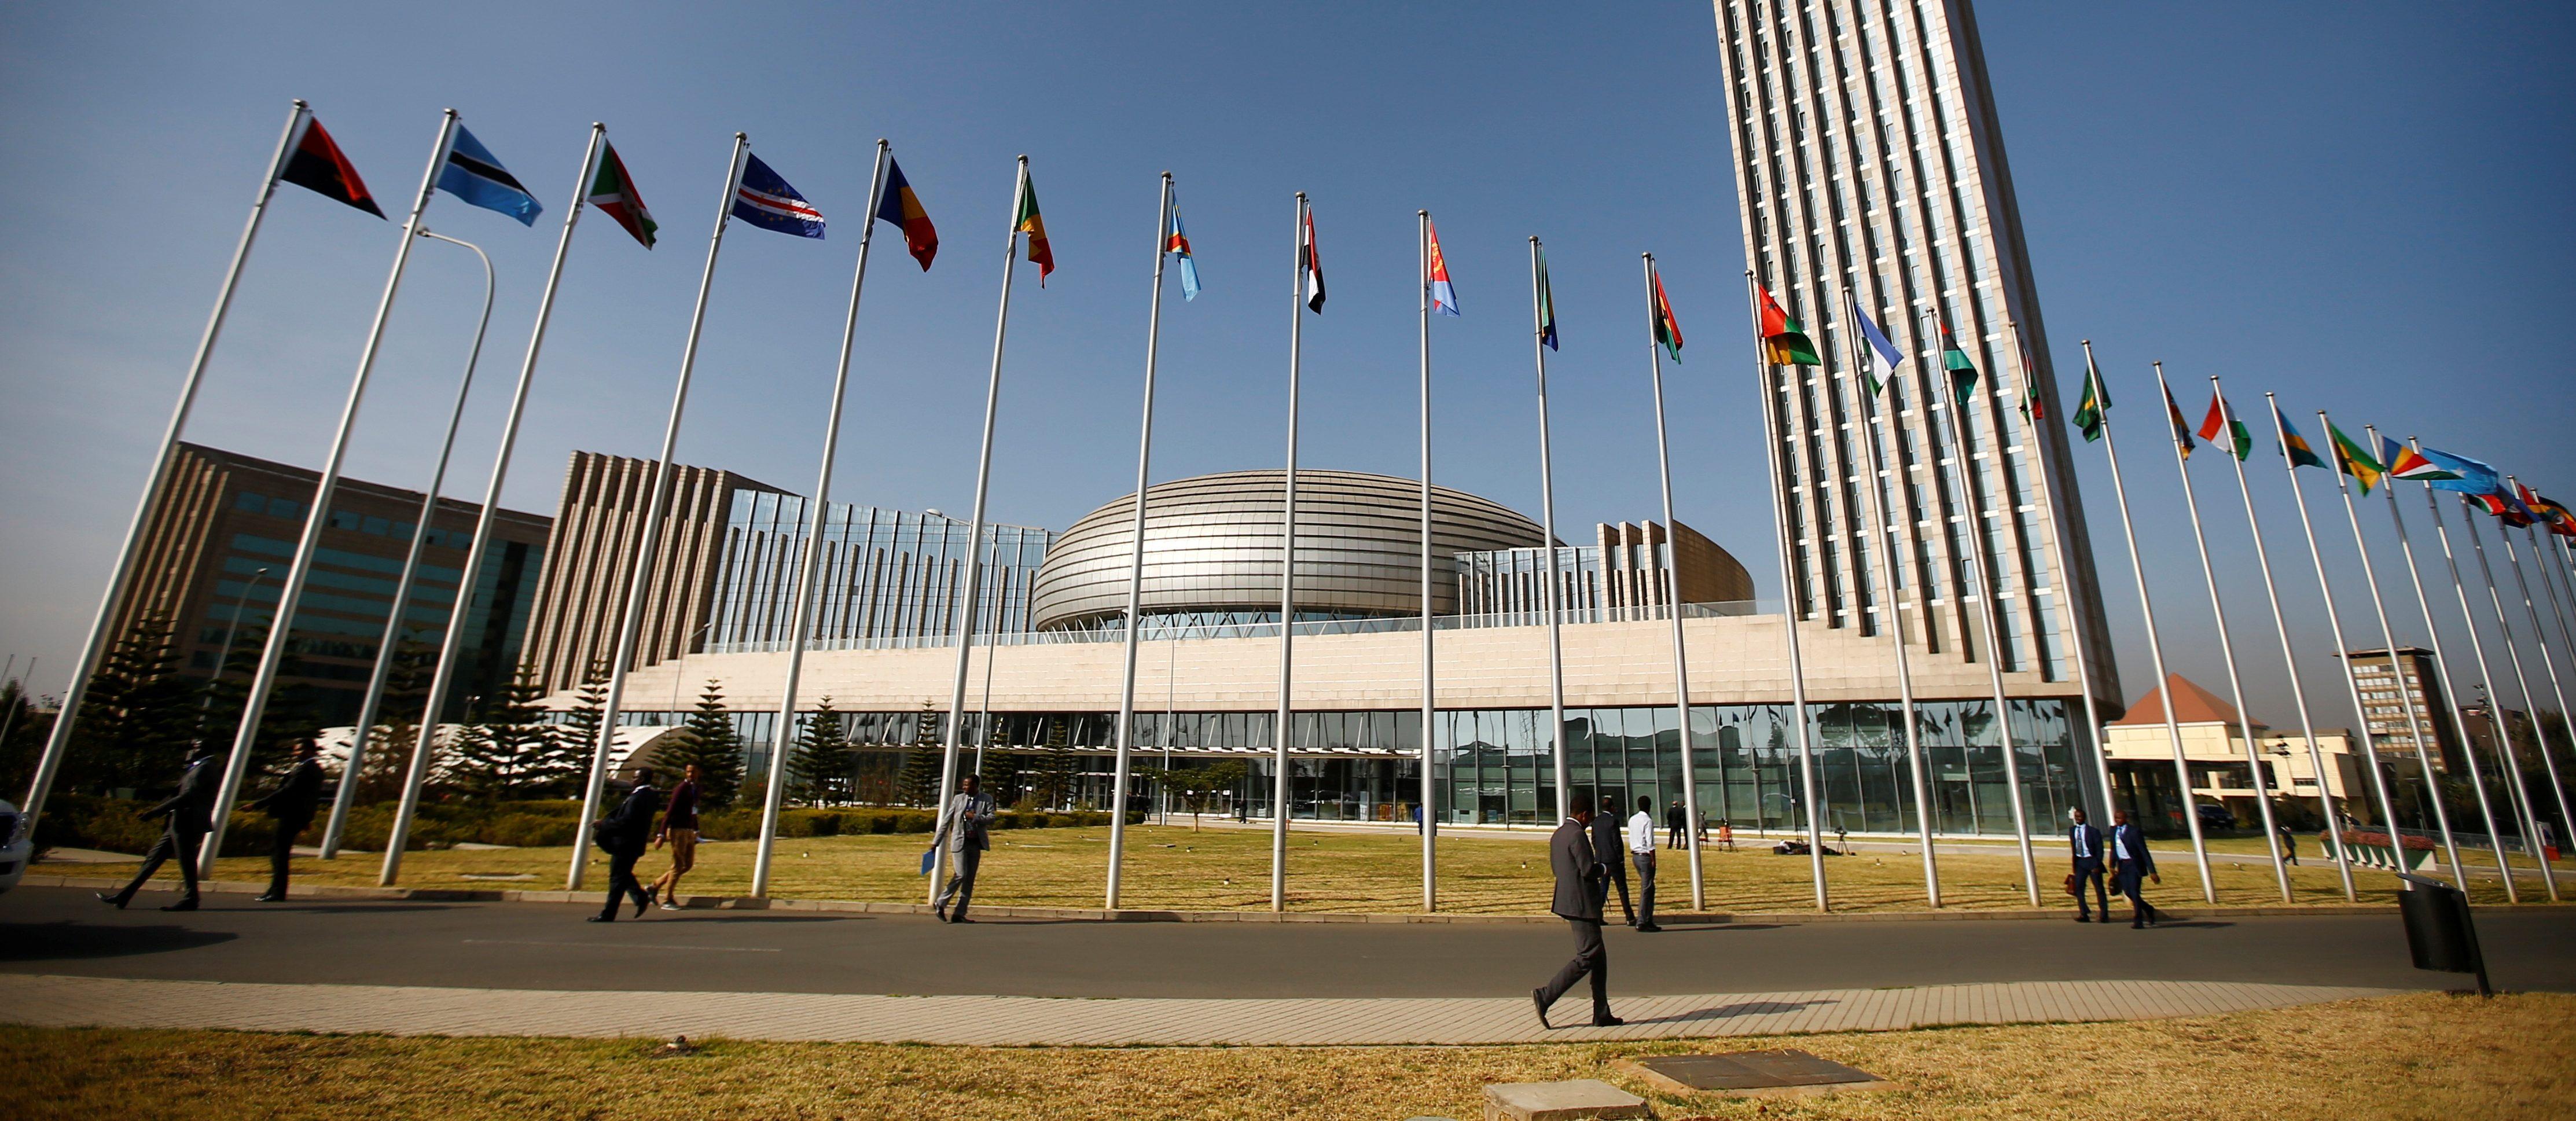 Con sede en Addis Abeba, Etiopía, la Unión Africana tiene grandes desafíos ante el compromiso e integración de sus países miembros. Fuente: ACRE (Alliance of Conservatives and Reformists in Europe)